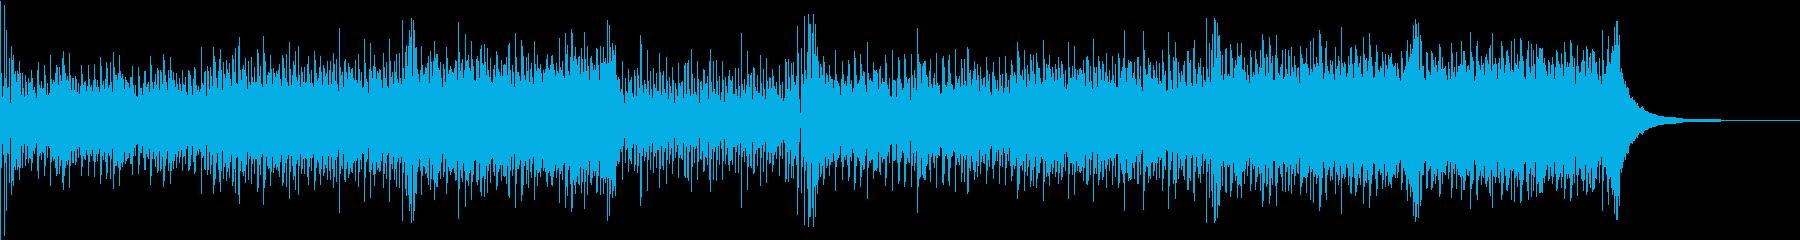 ピアノとアコギが中心の春先ポップスの再生済みの波形